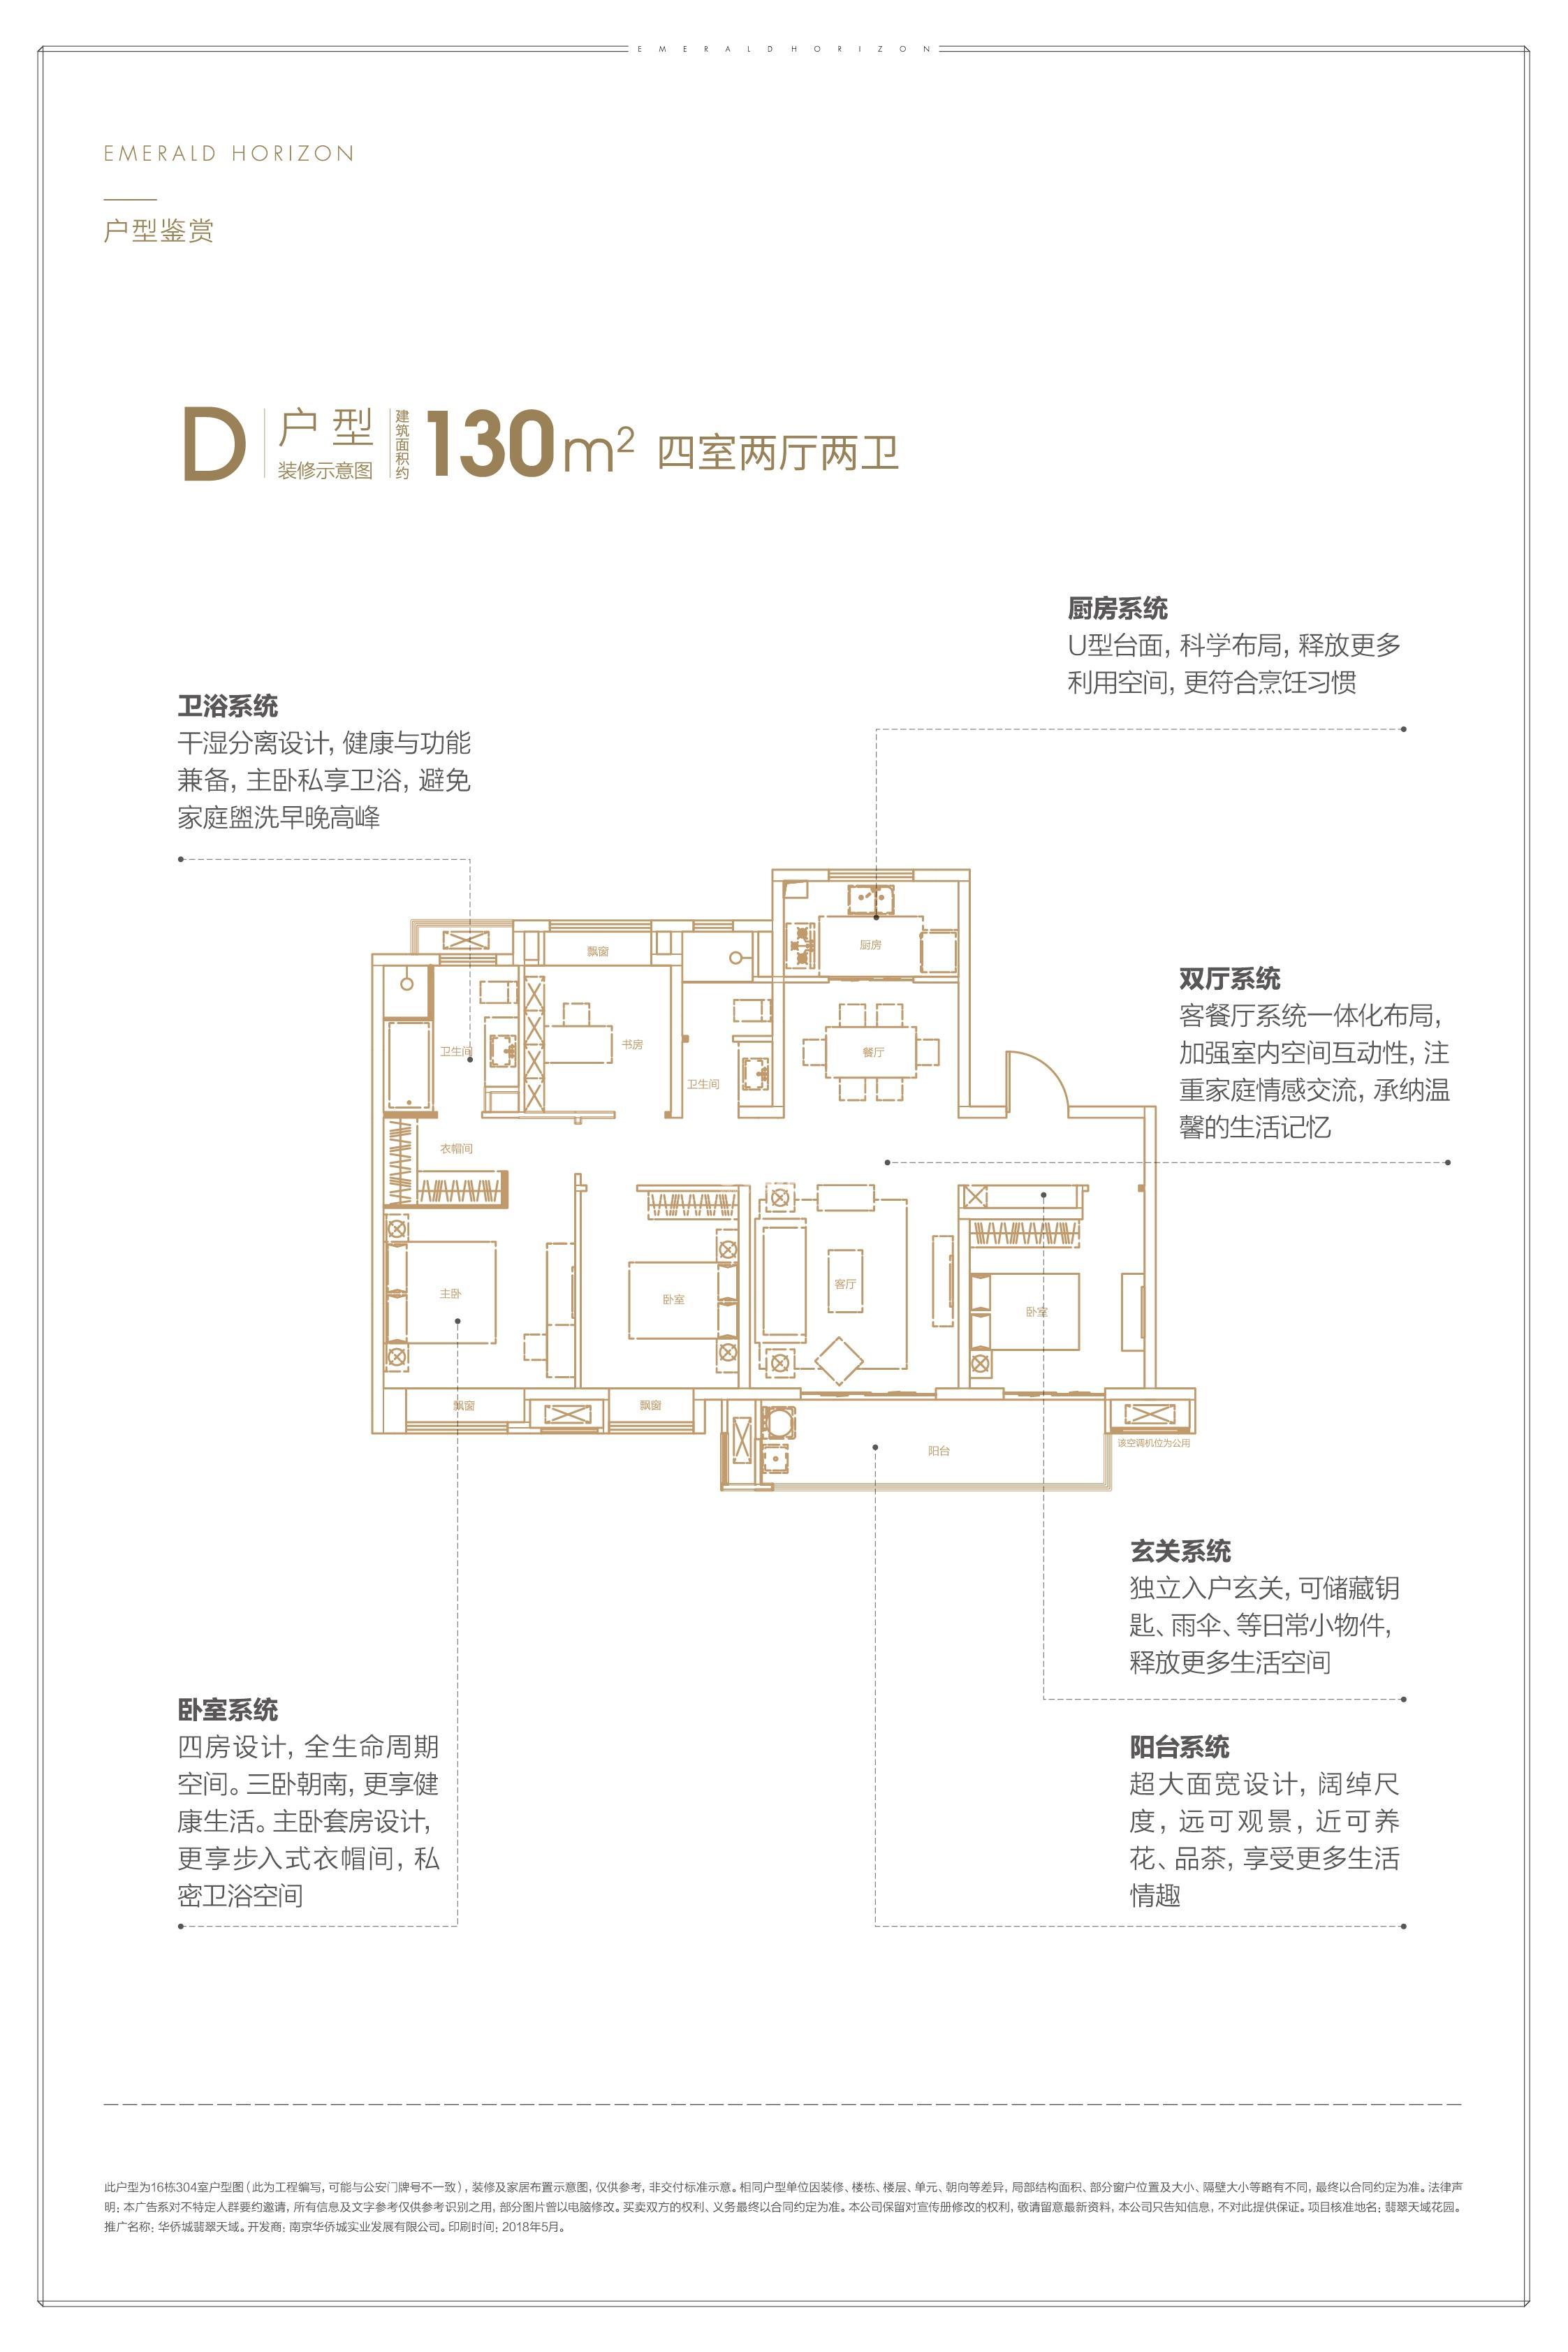 华侨城翡翠天域洋房130㎡4室2厅2卫户型图